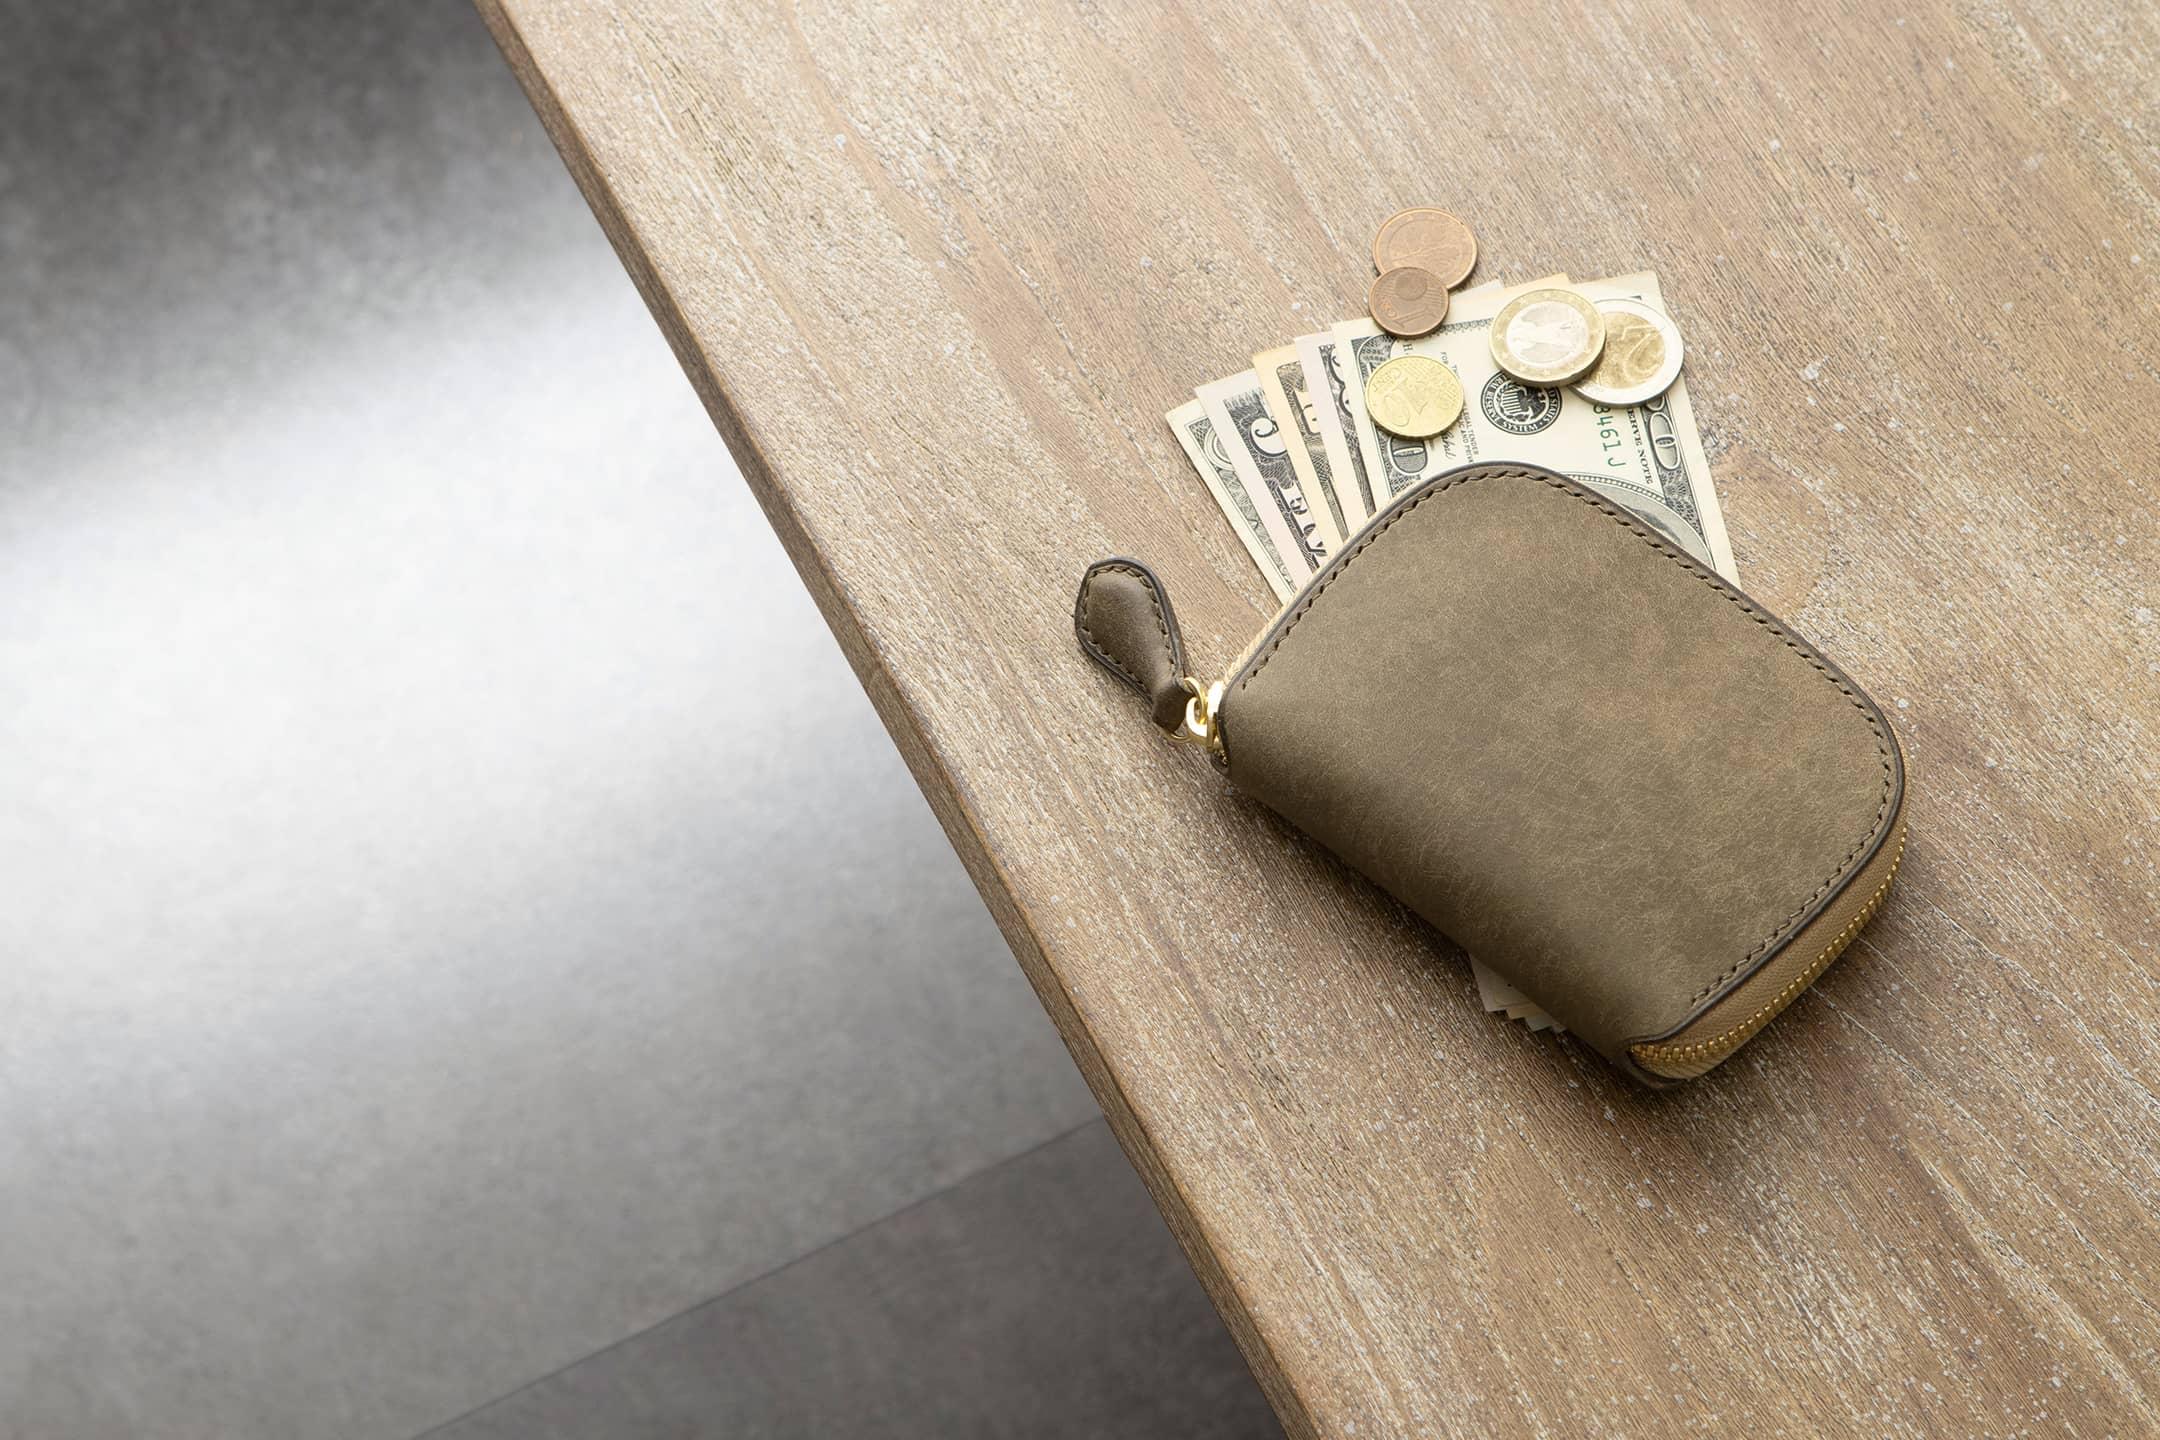 プエブロ & ブッテーロ ショートラウンドジップ財布 by ONE WORKER(ワンズワーカー)